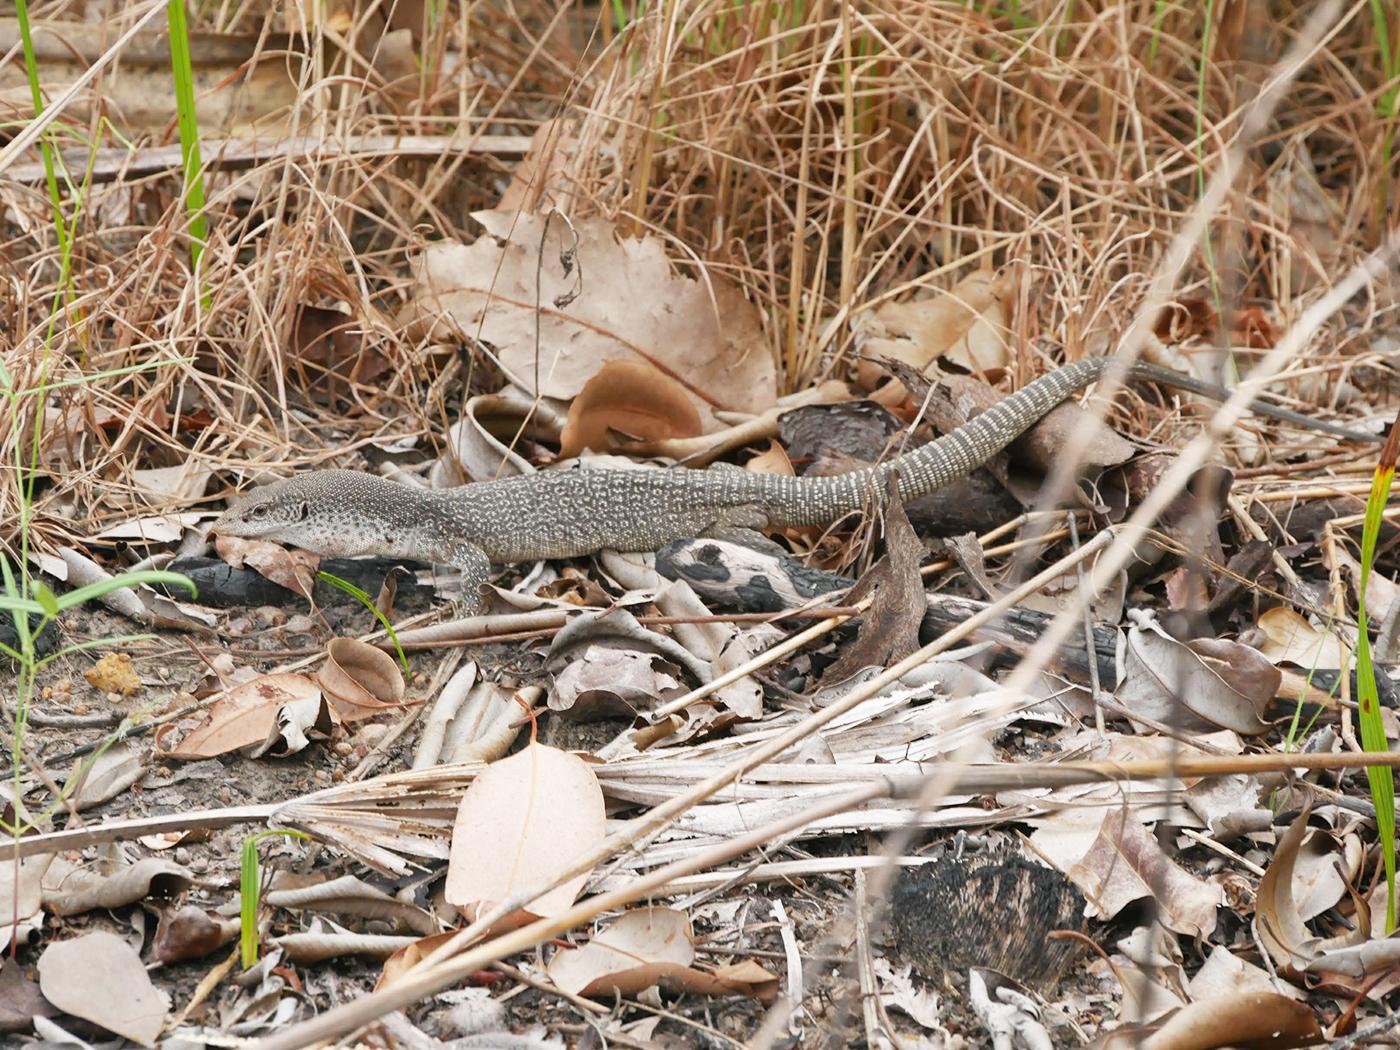 Varaan gespot in het Litchfield National Park